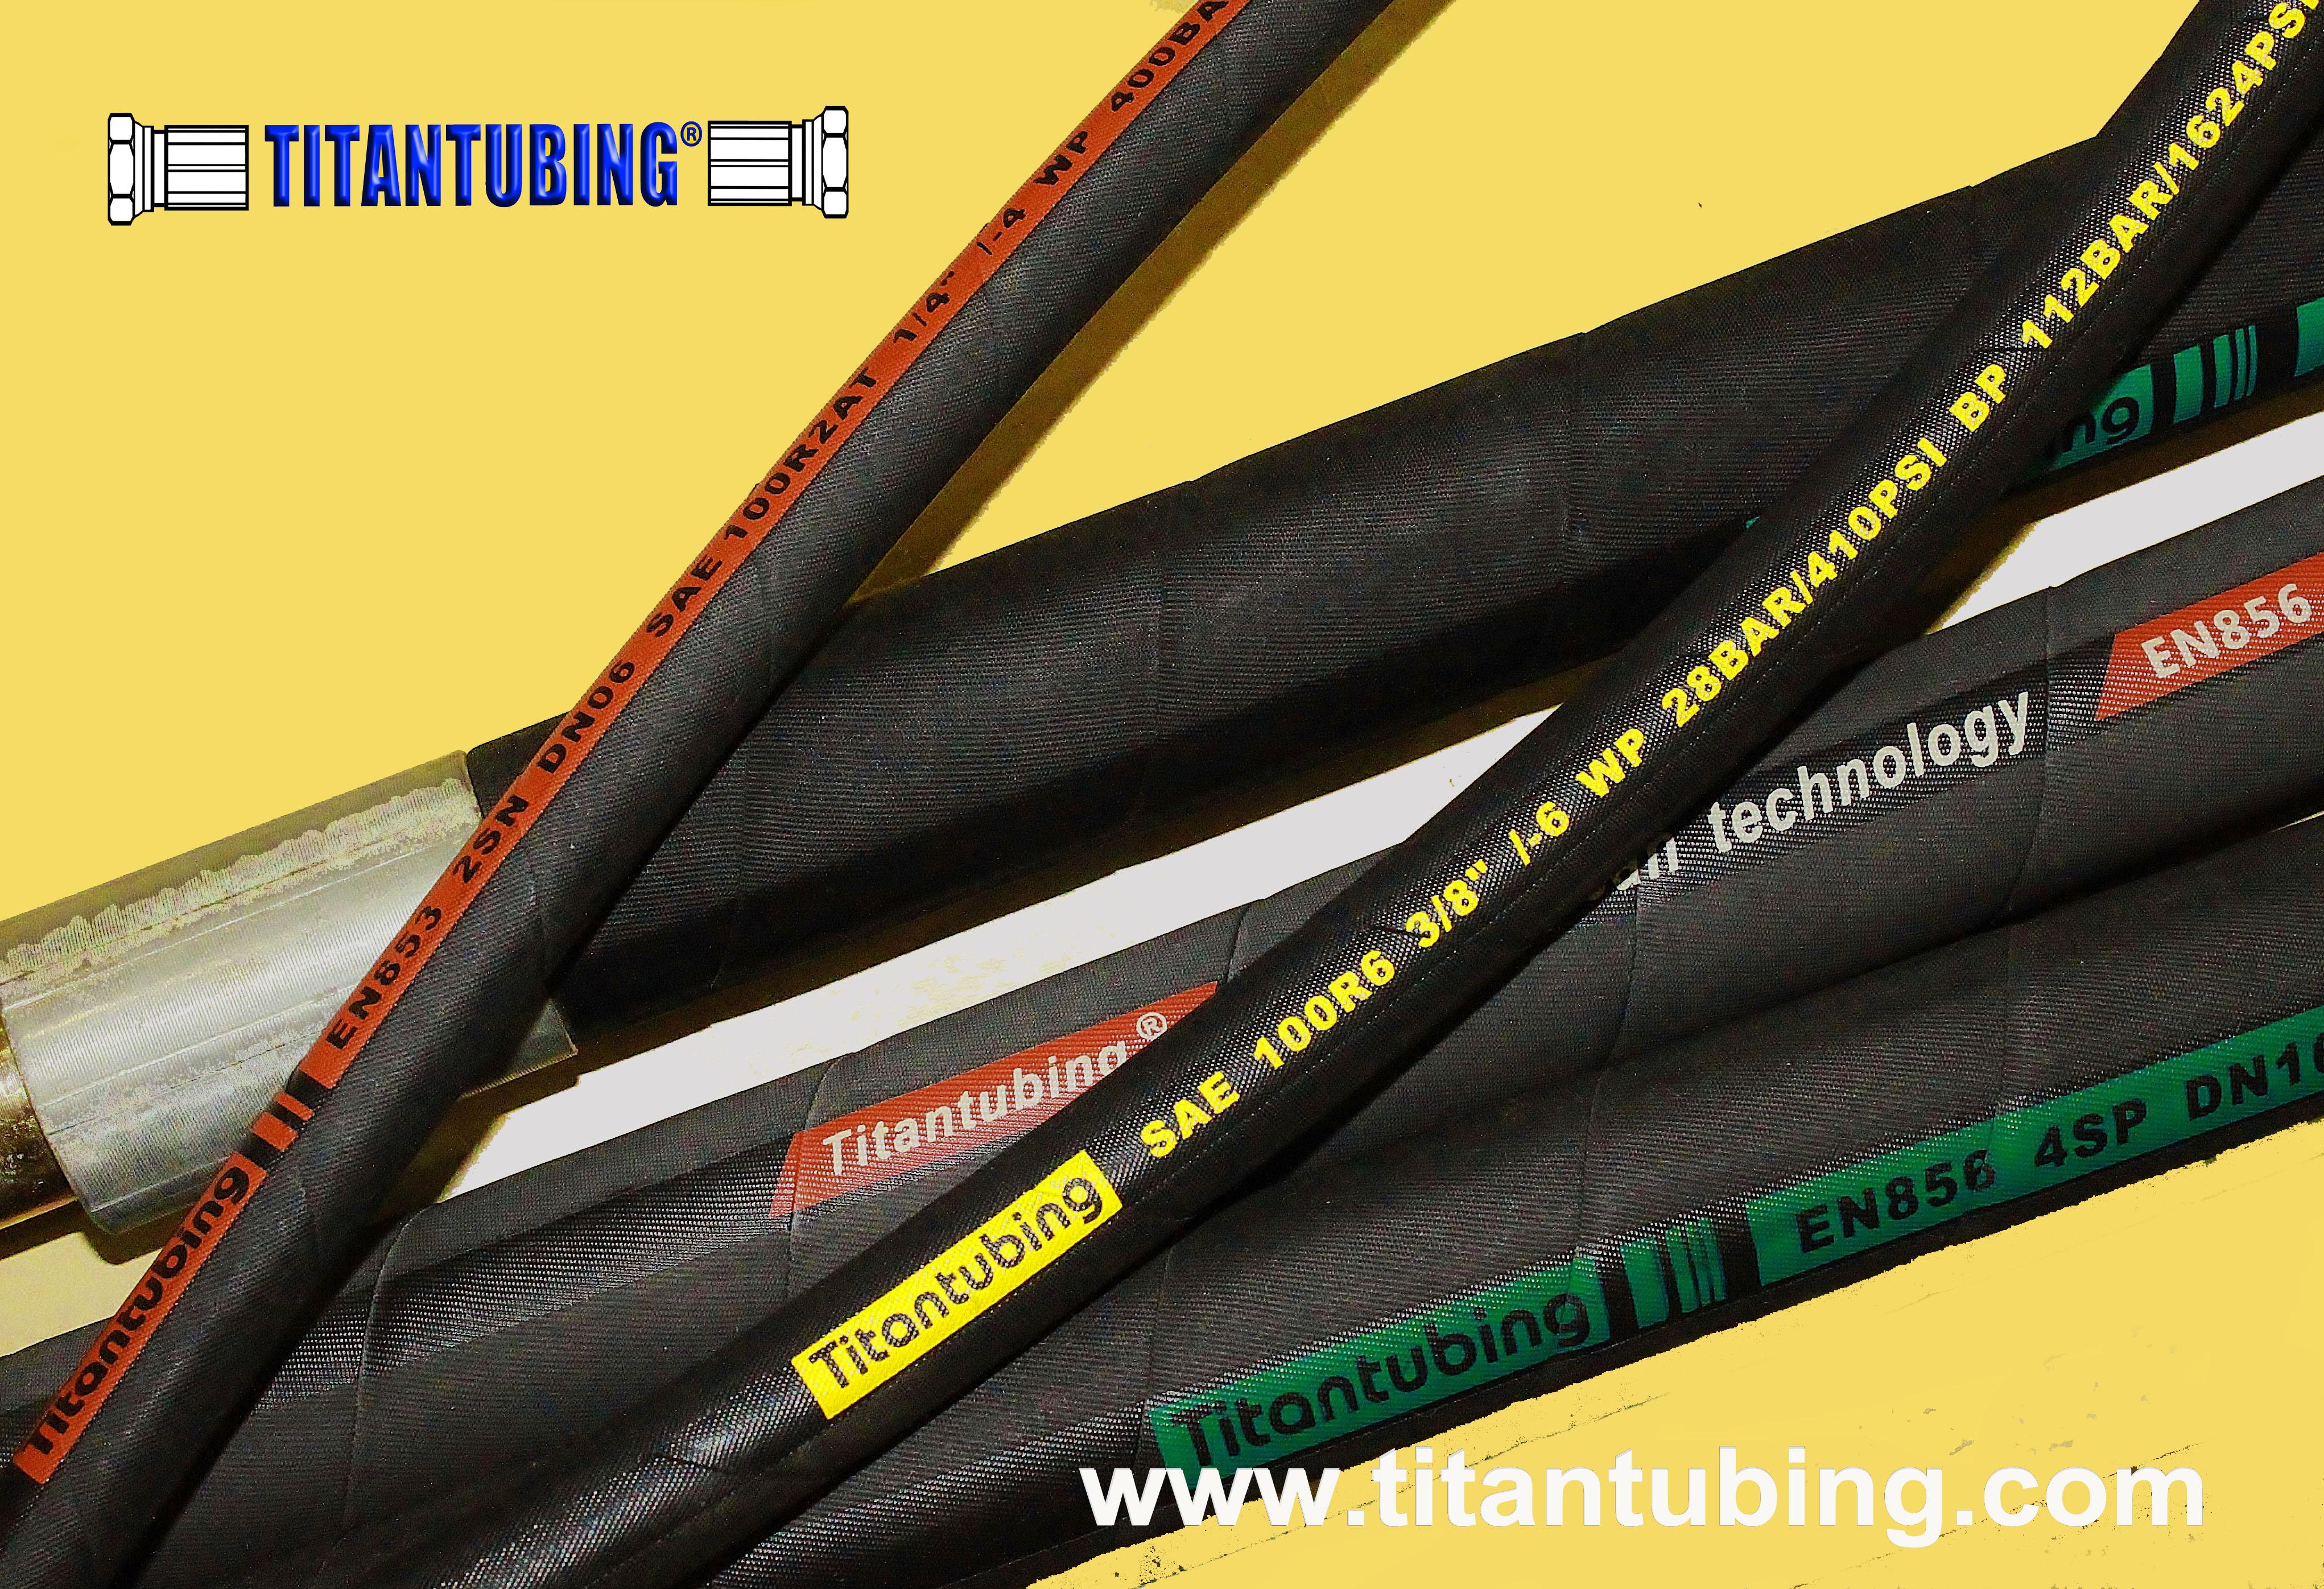 EN 854/SAE100 R6/1层棉线编织液压胶管/橡胶管/高压油管液压软管 橡胶外敷液压管